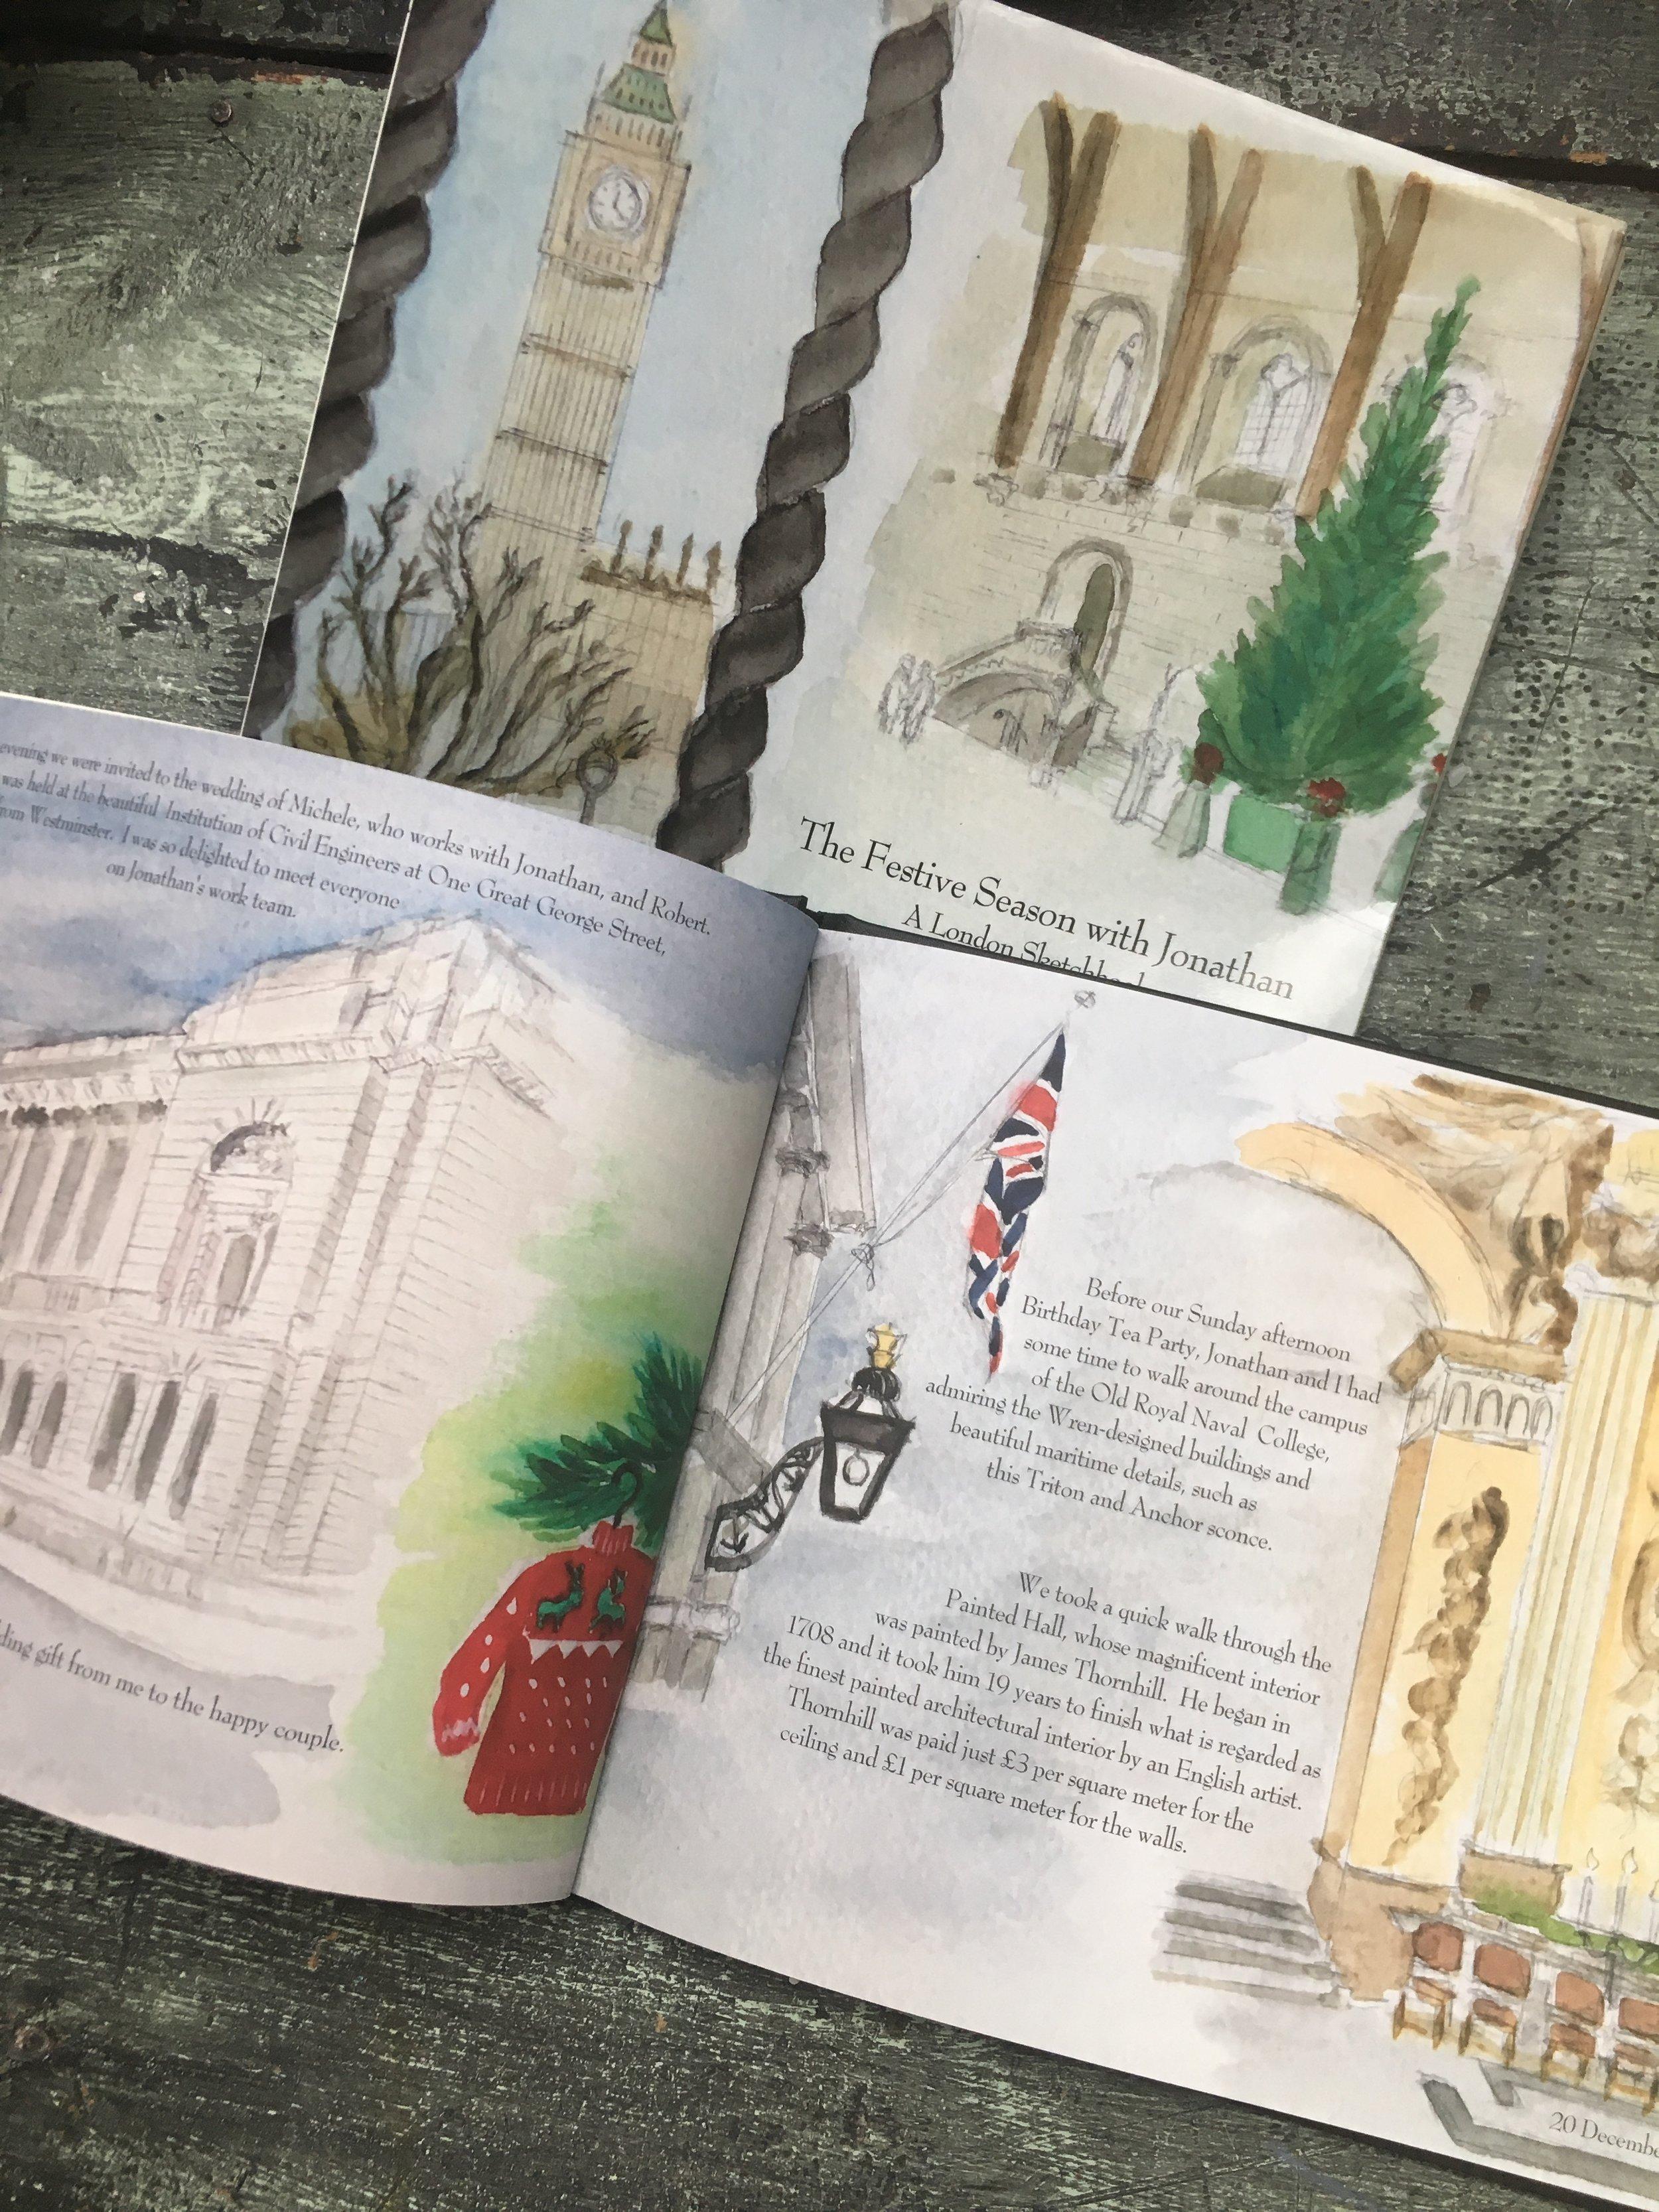 Watercolor Book of Travel Memories